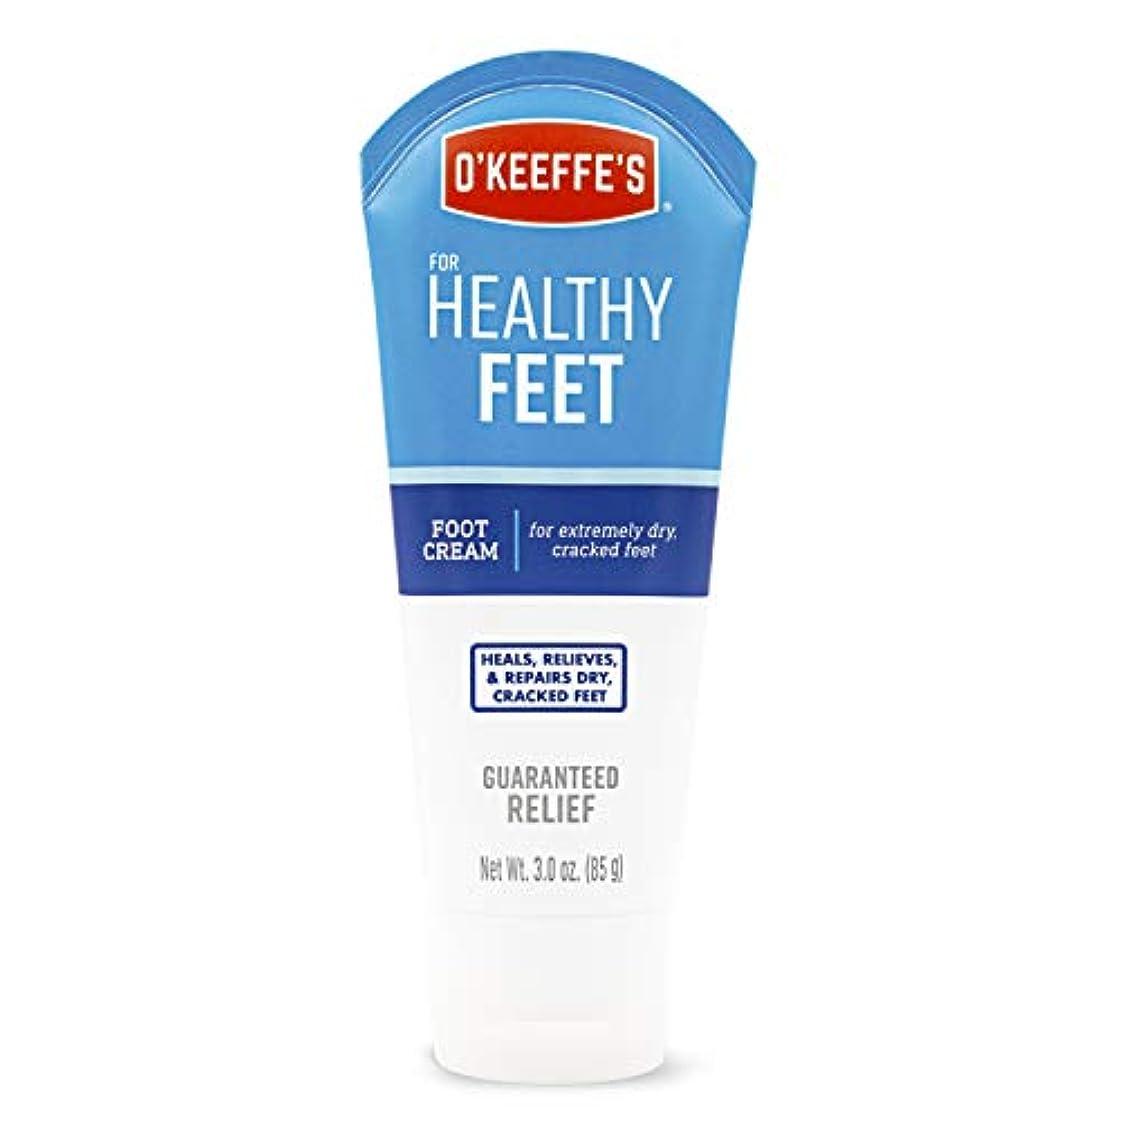 オキーフス ワーキングフィートクリーム チューブ  85g 1点 (並行輸入品) O'Keeffe's Working Feet Tube Cream 3oz